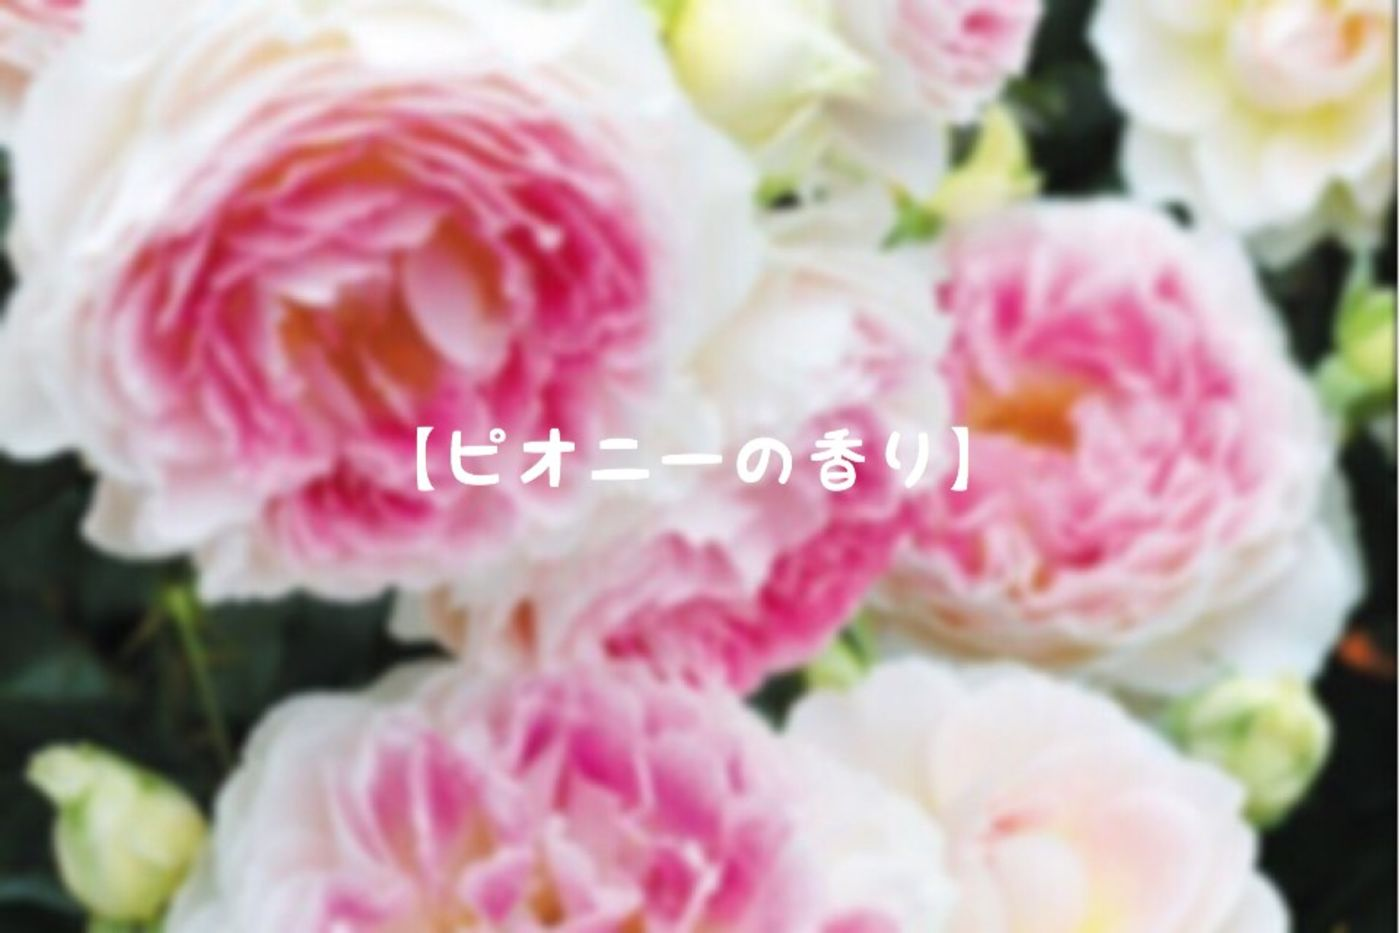 【ピオニーの香り】